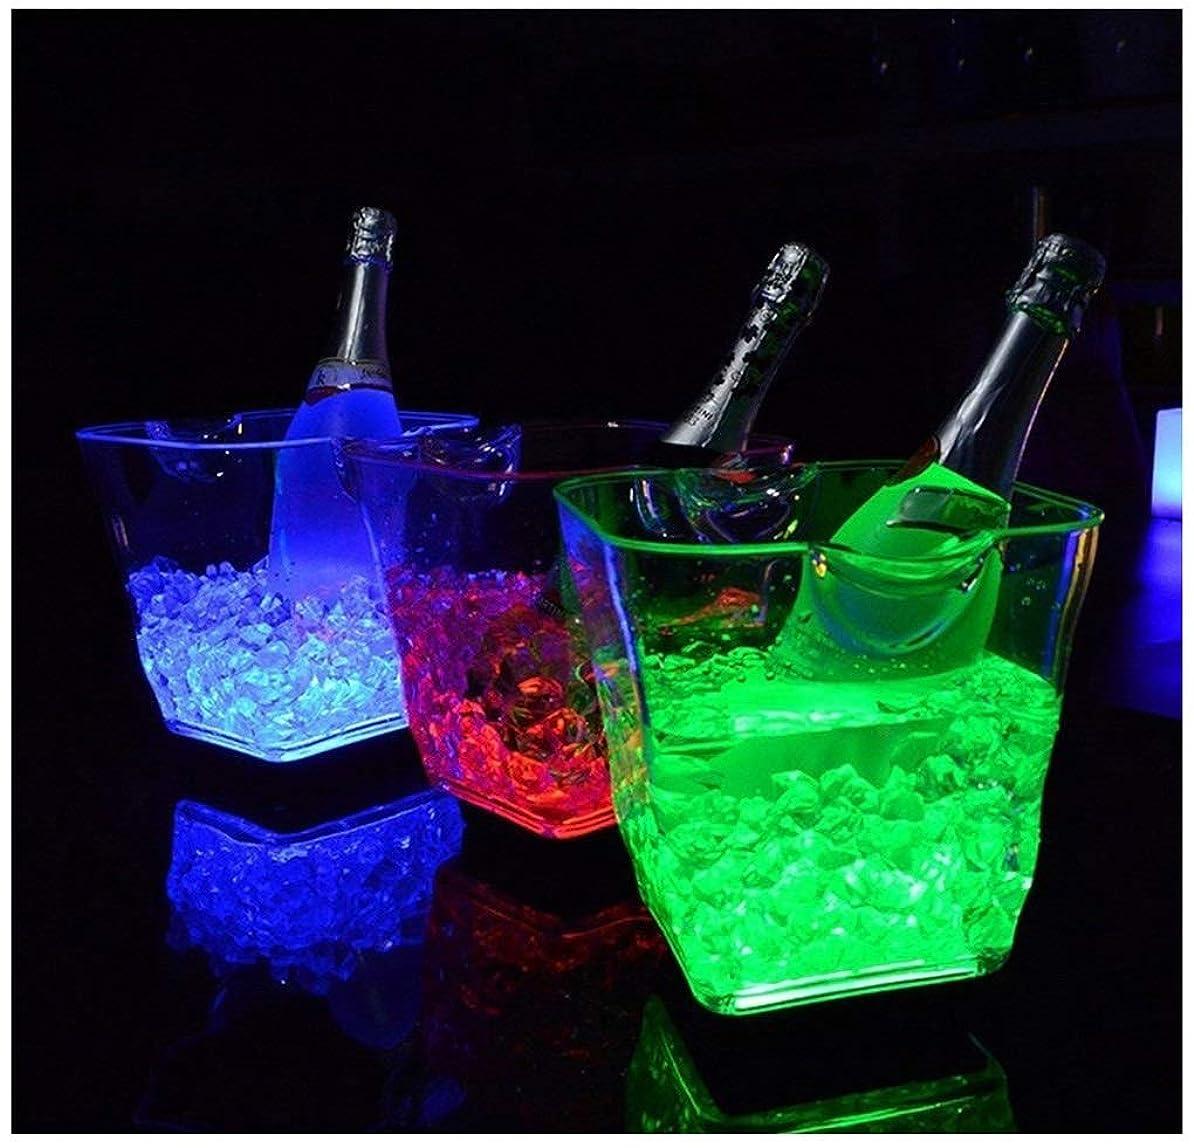 抜粋トークン課税ワインクーラー シャンパンクーラーワインタブチラー、ドリンククーラー、シャンパンワインビール用パーティードリンクチラー結婚式、特別なイベントやパーティー屋内または屋外パーティーに最適 カスタマイズ可能なロゴ (Color : Blue)